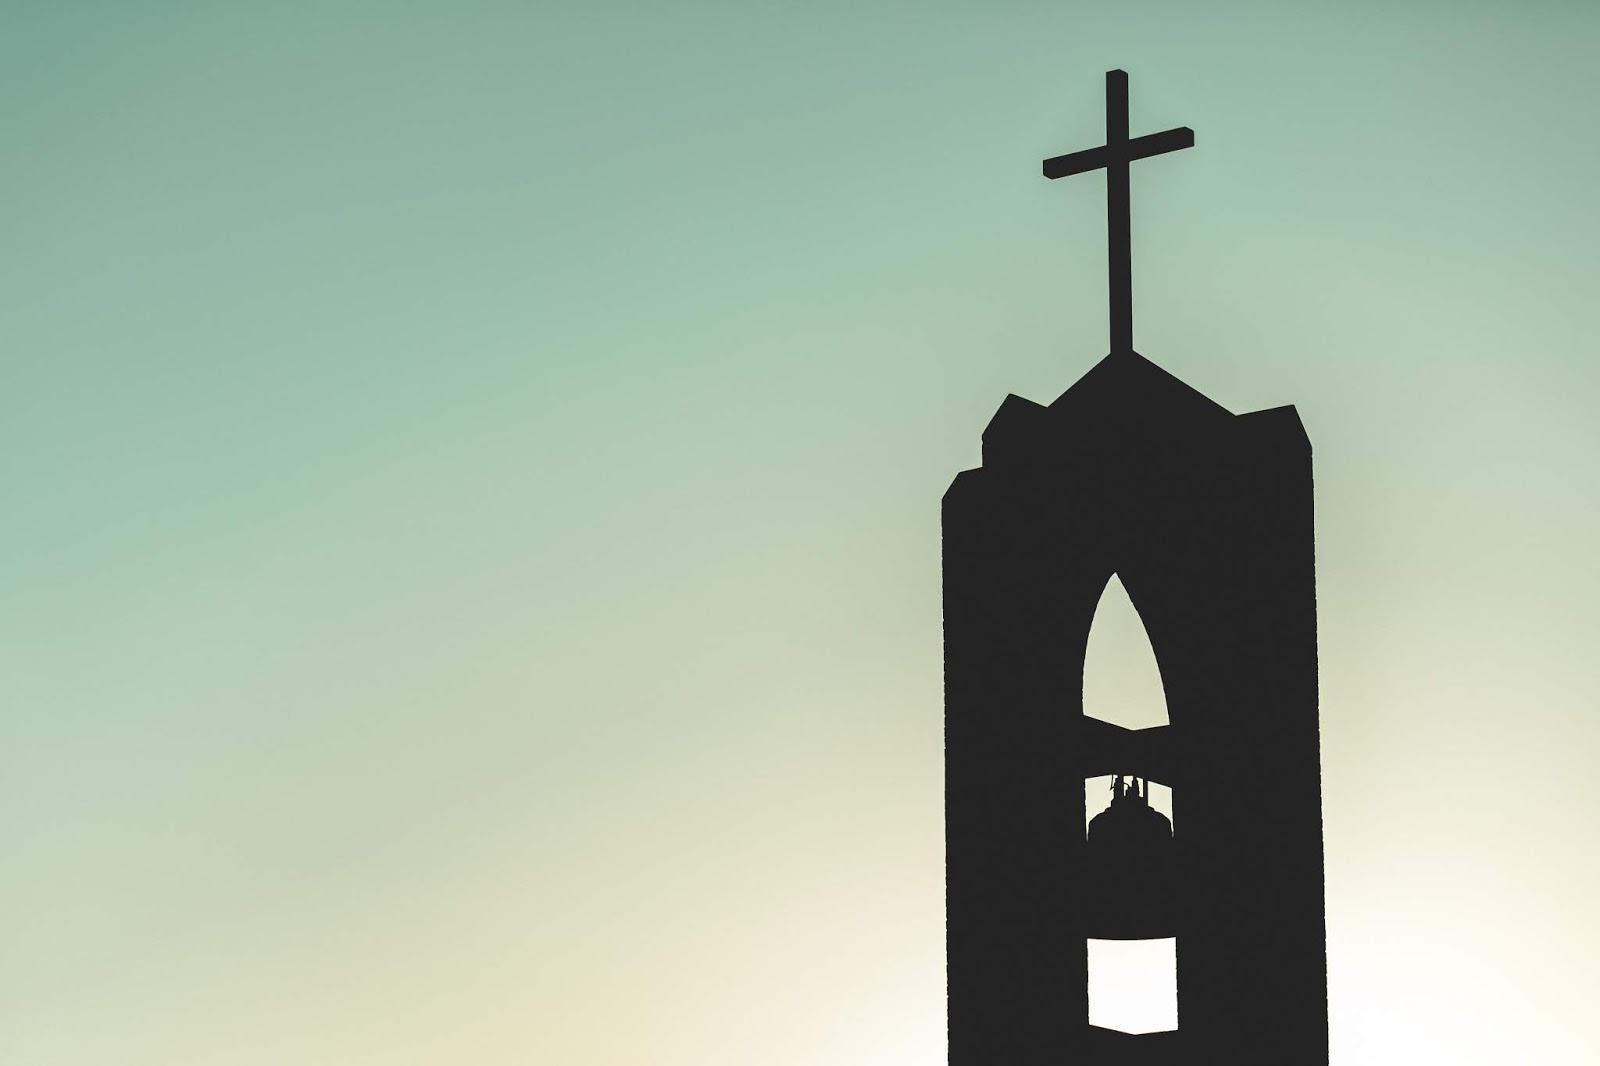 СМИ: в феврале уже как минимум 10 католических церквей по всей Франции подверглись нападению